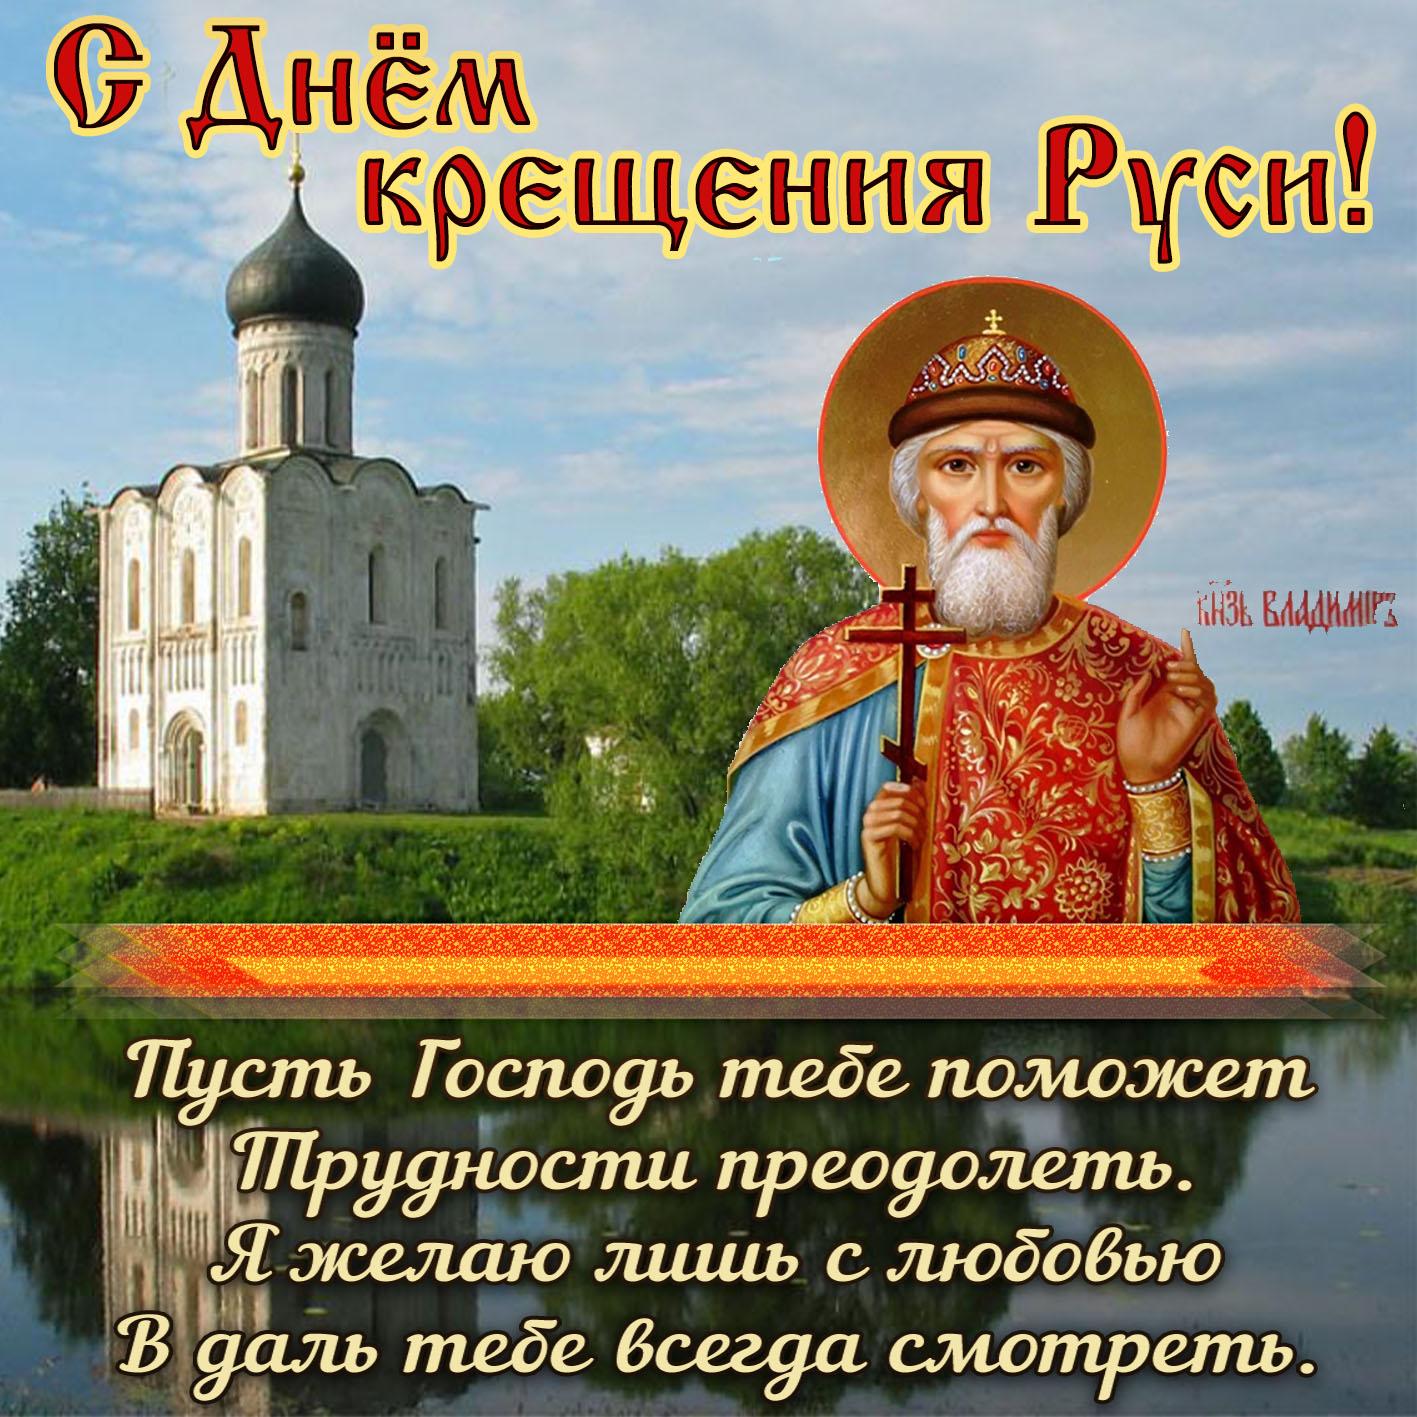 Картинки к празднику крещение руси, поздравление 2019